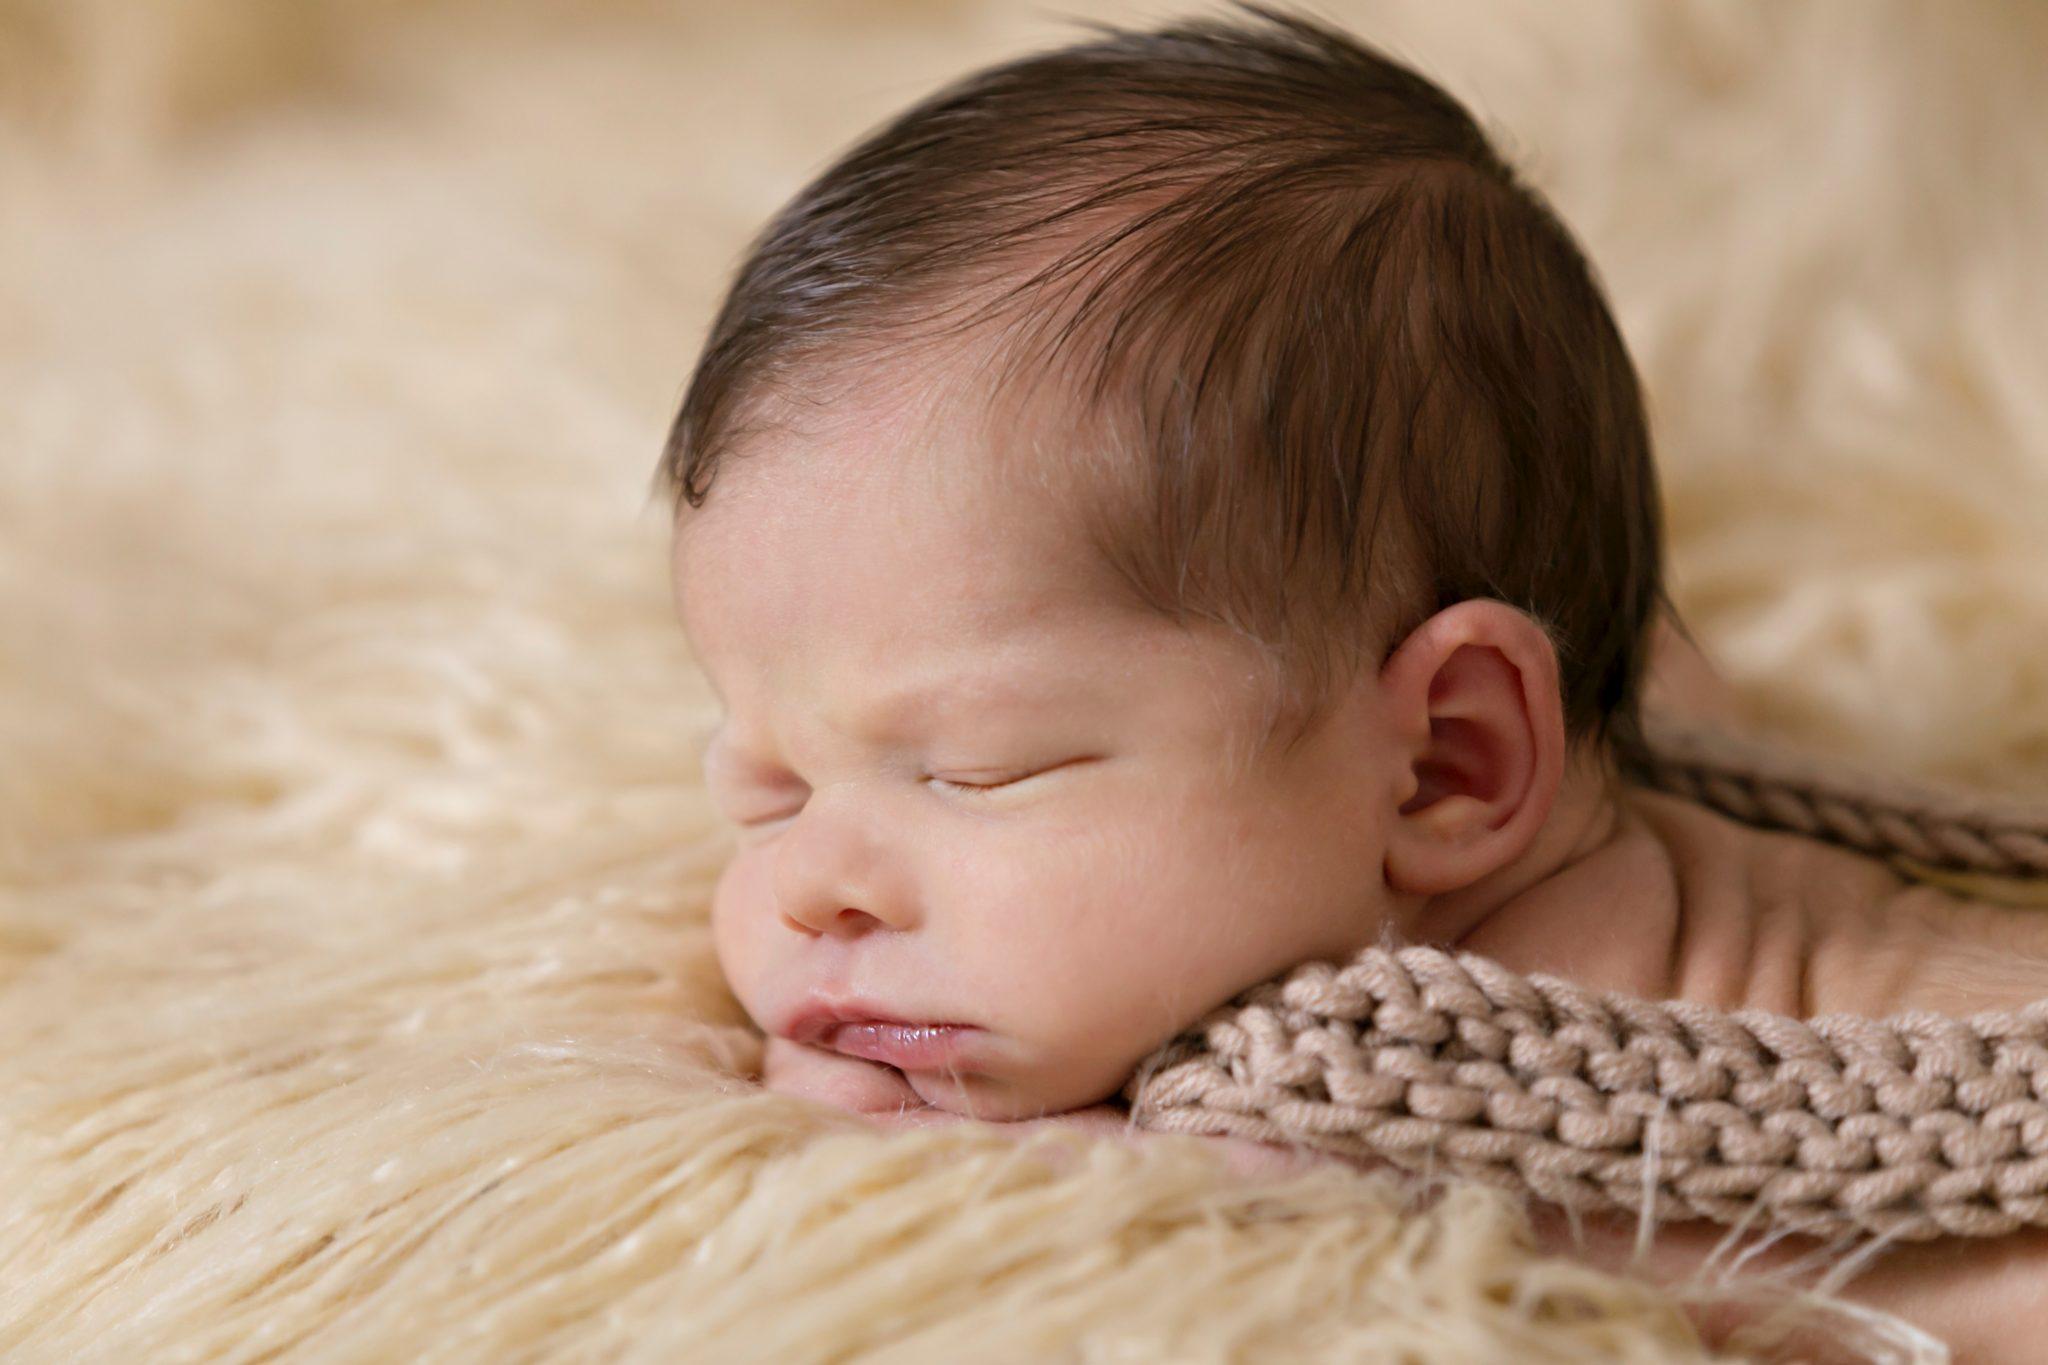 cuna barata, cuna cama, cuna bebé barata, precio cuna, cuna adosada, colchones para cuna peque, cuna de viaje, cuna de madera, cunas funcionales, cunas para bebés